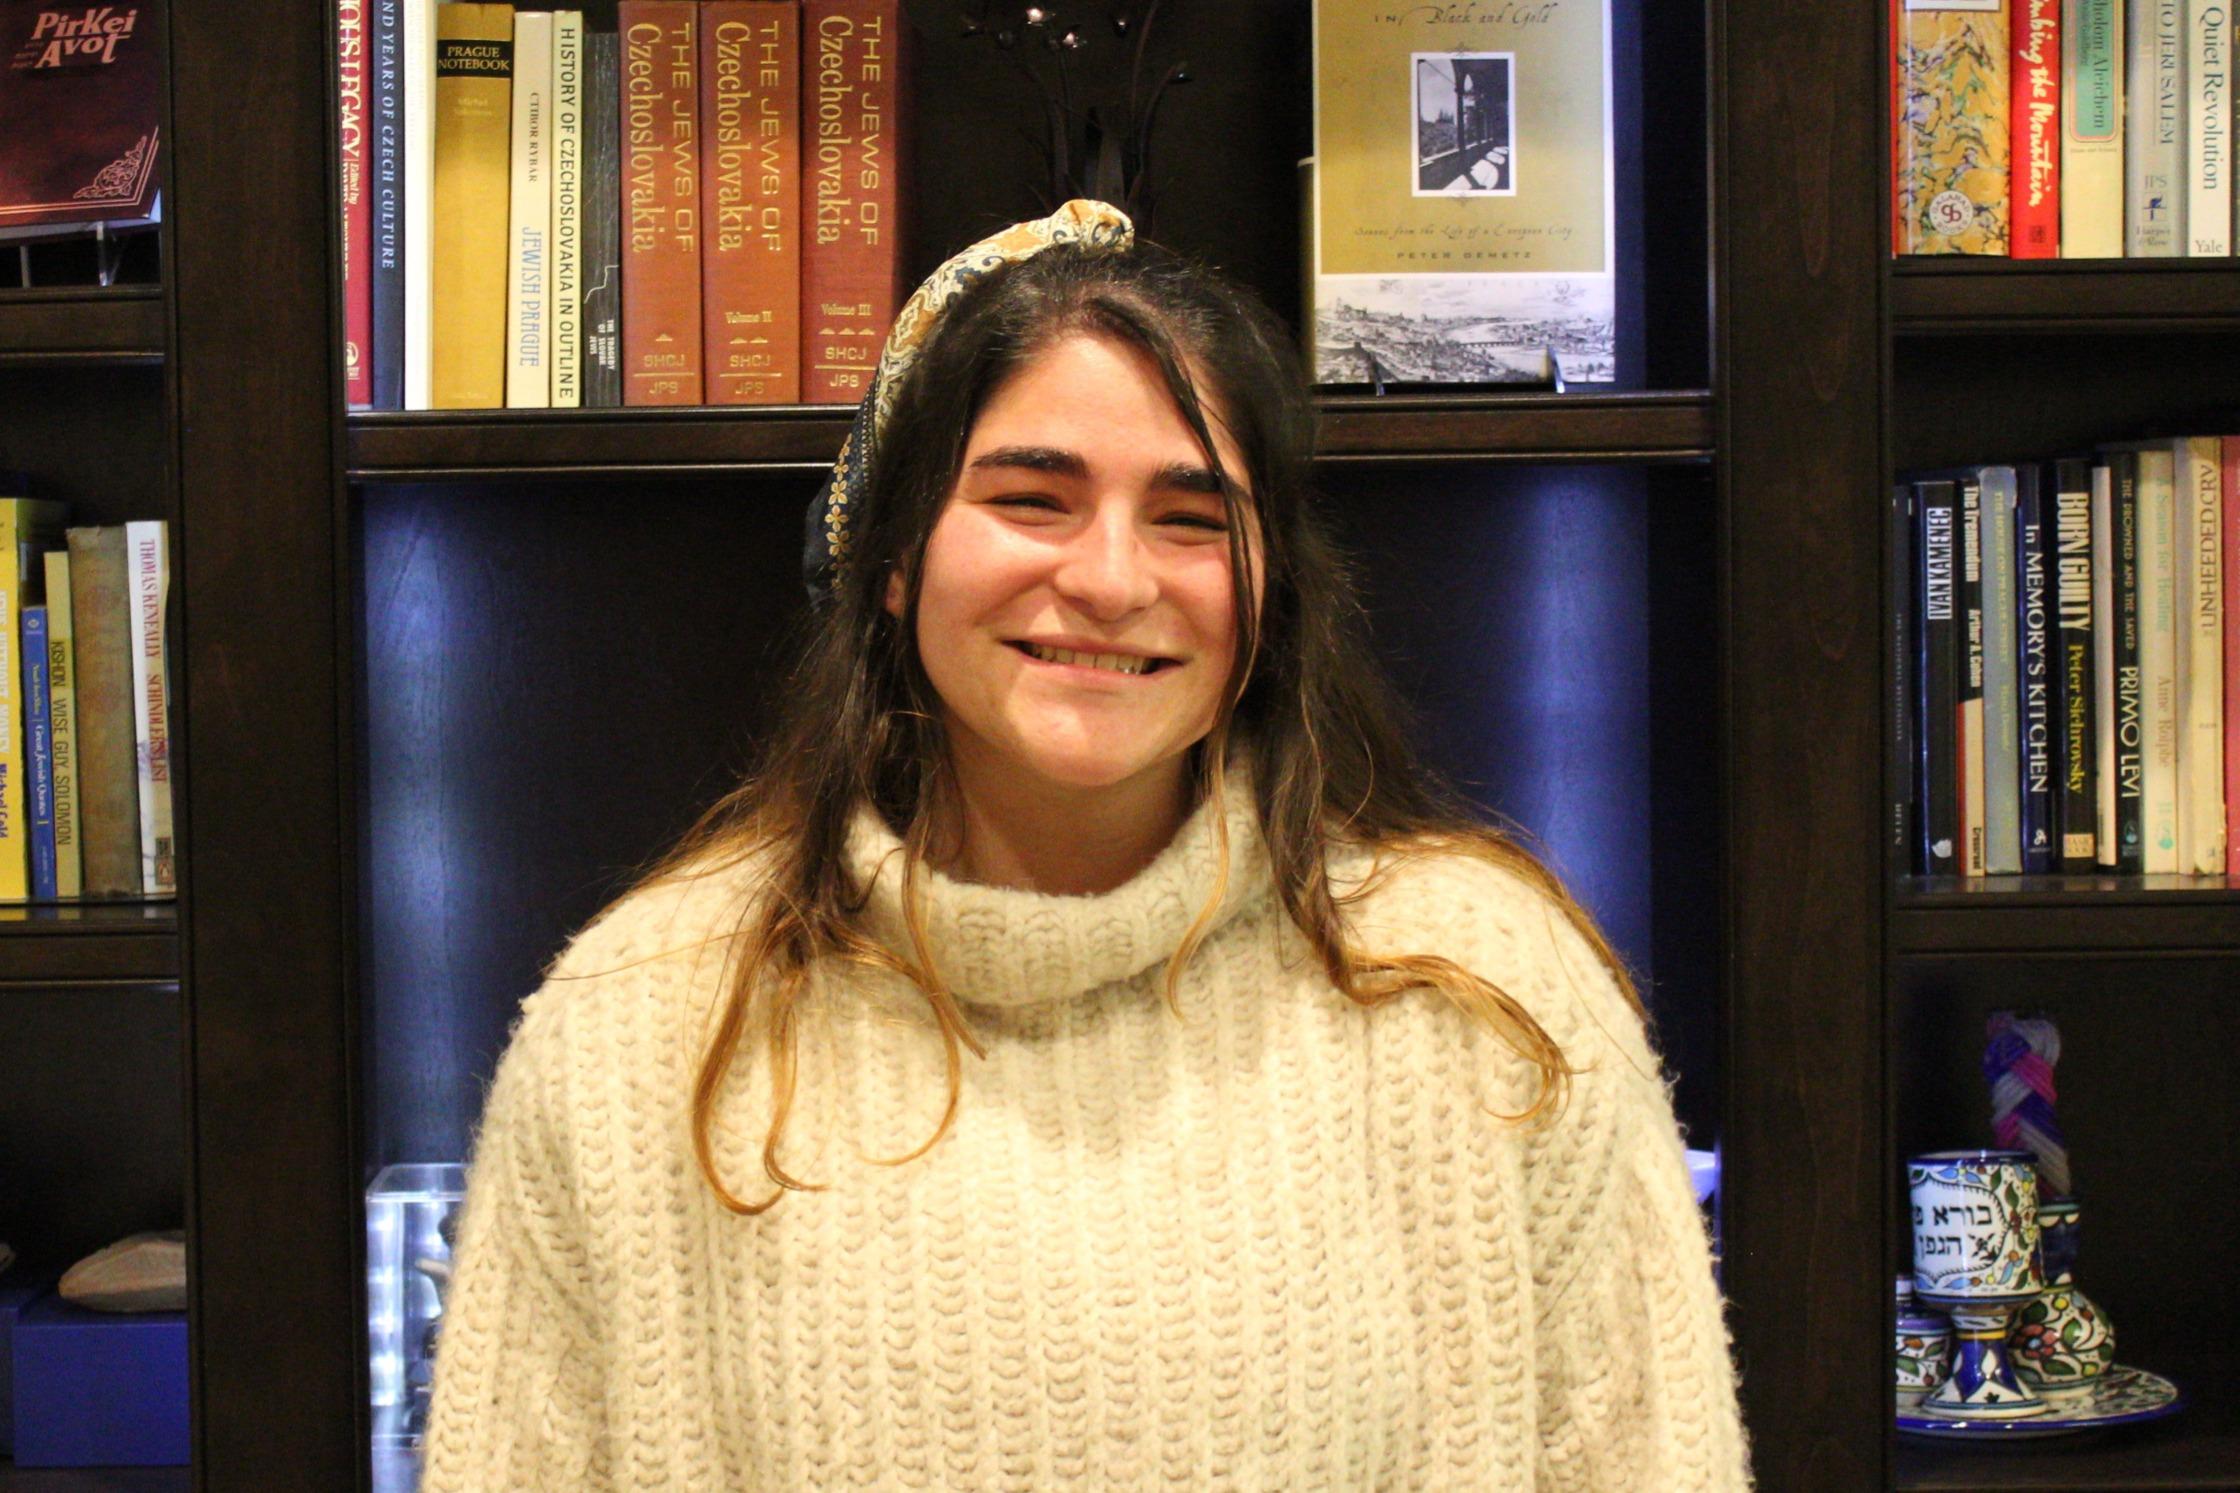 Lilly Greenberg